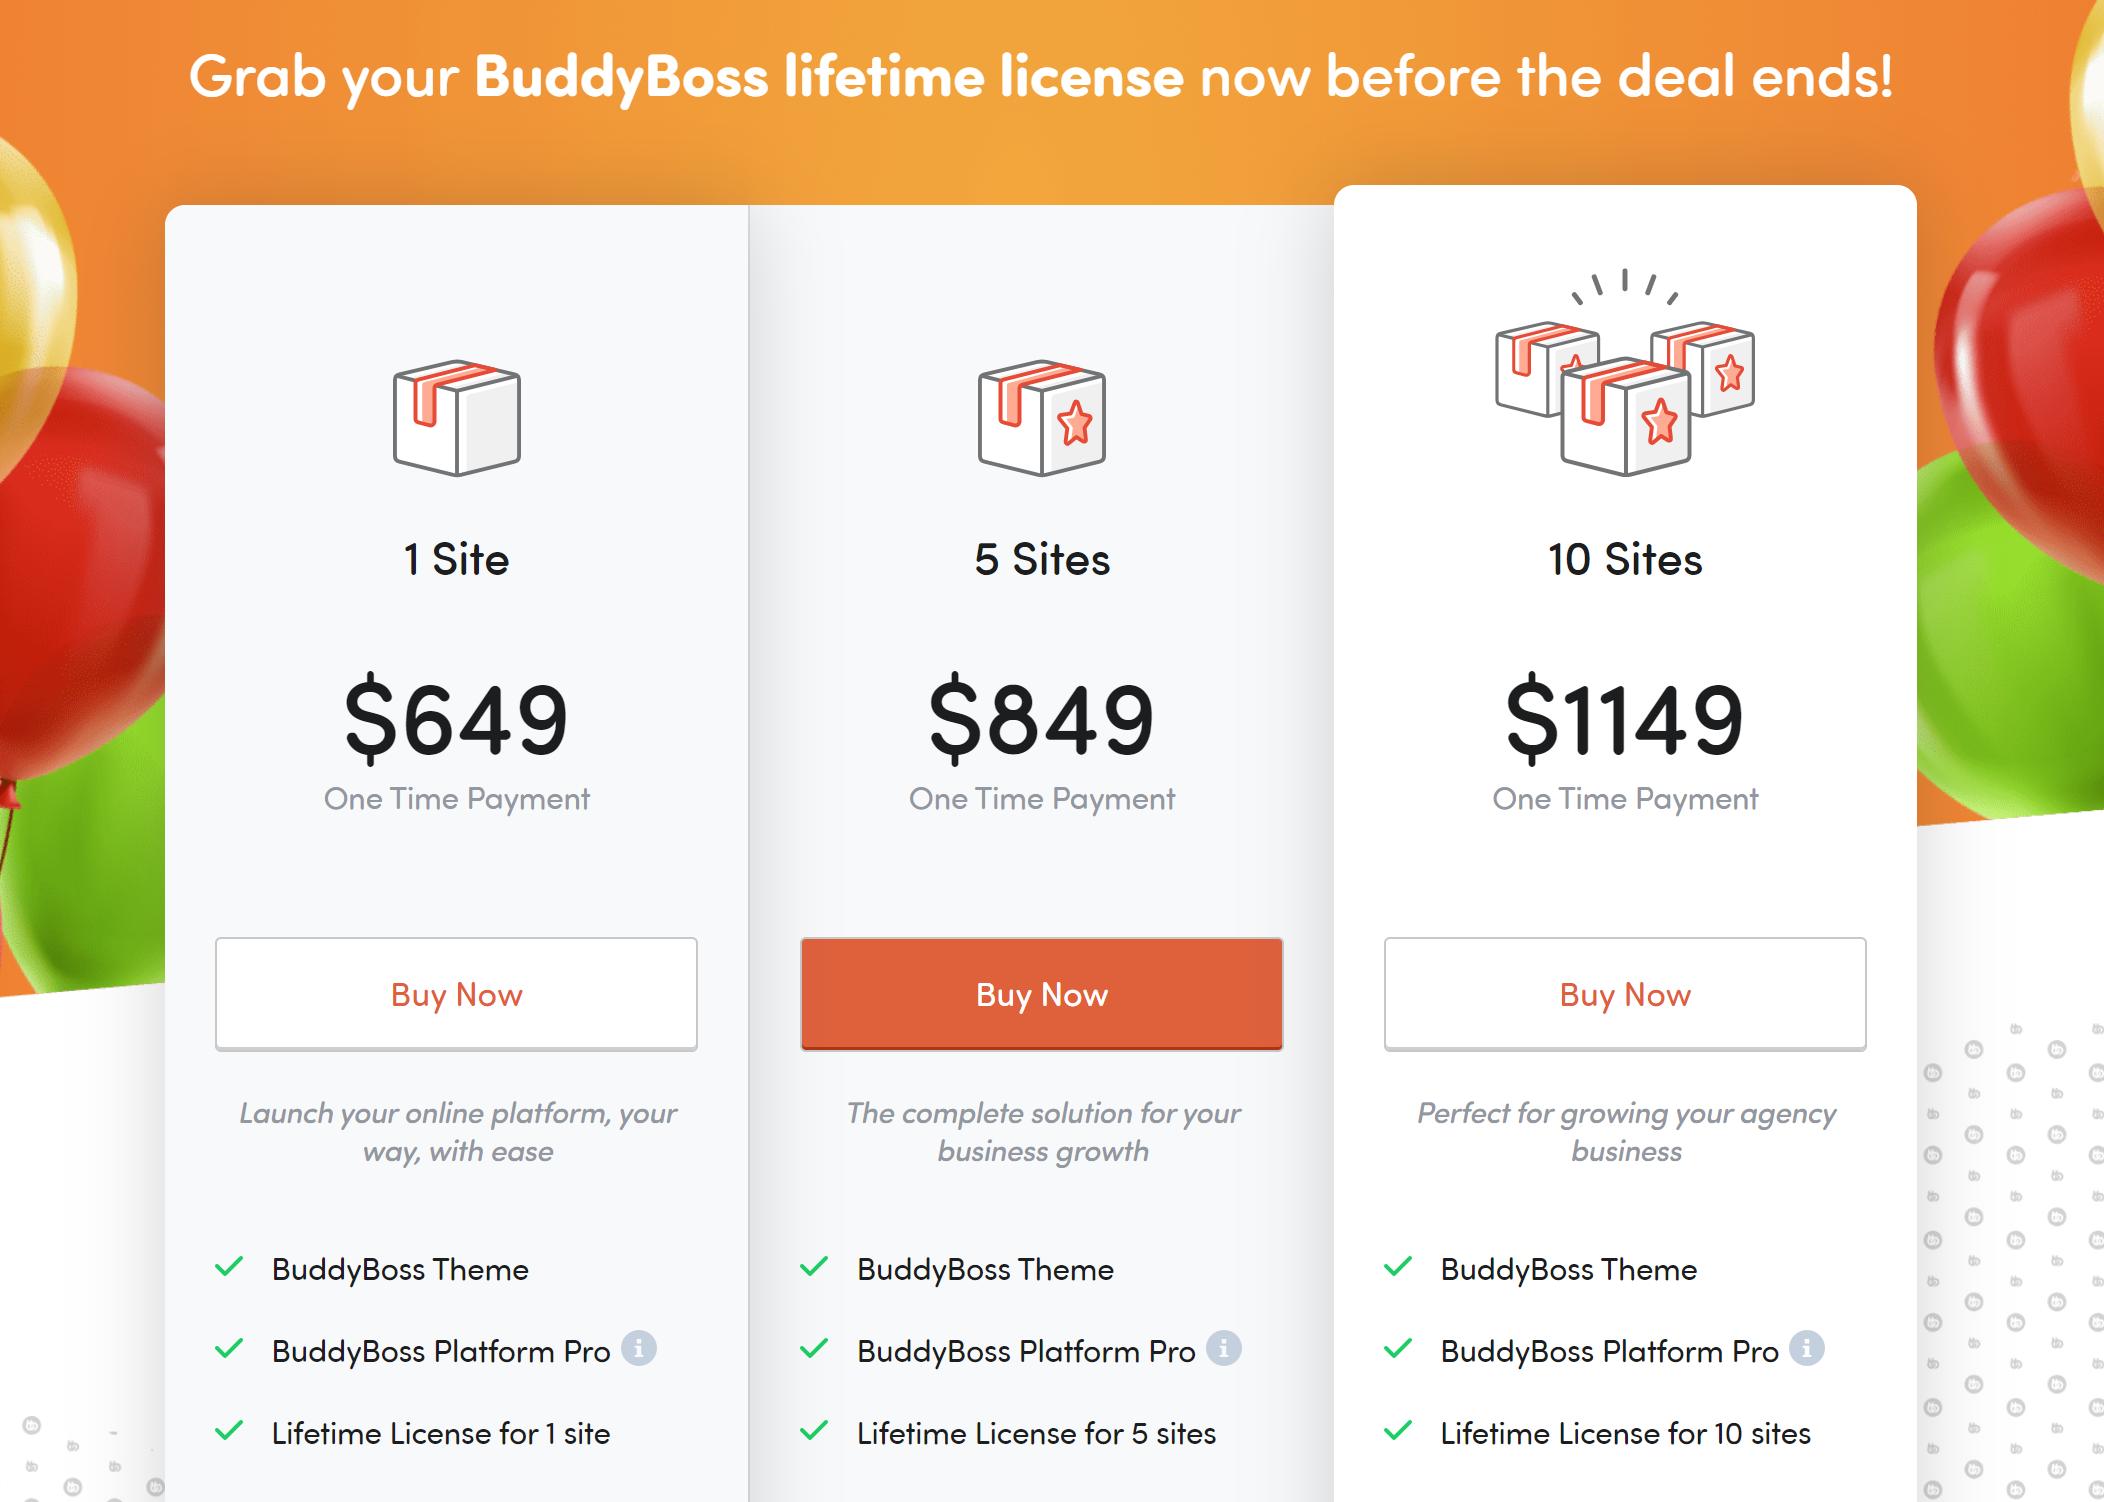 buddyboss lifetime deal offers